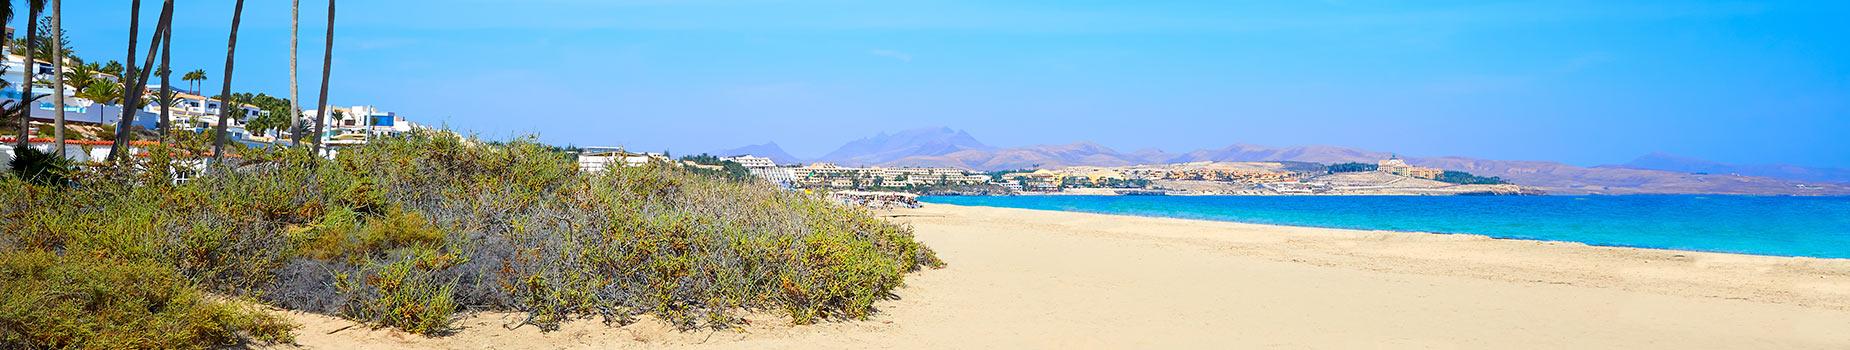 Vliegvakantie Fuerteventura